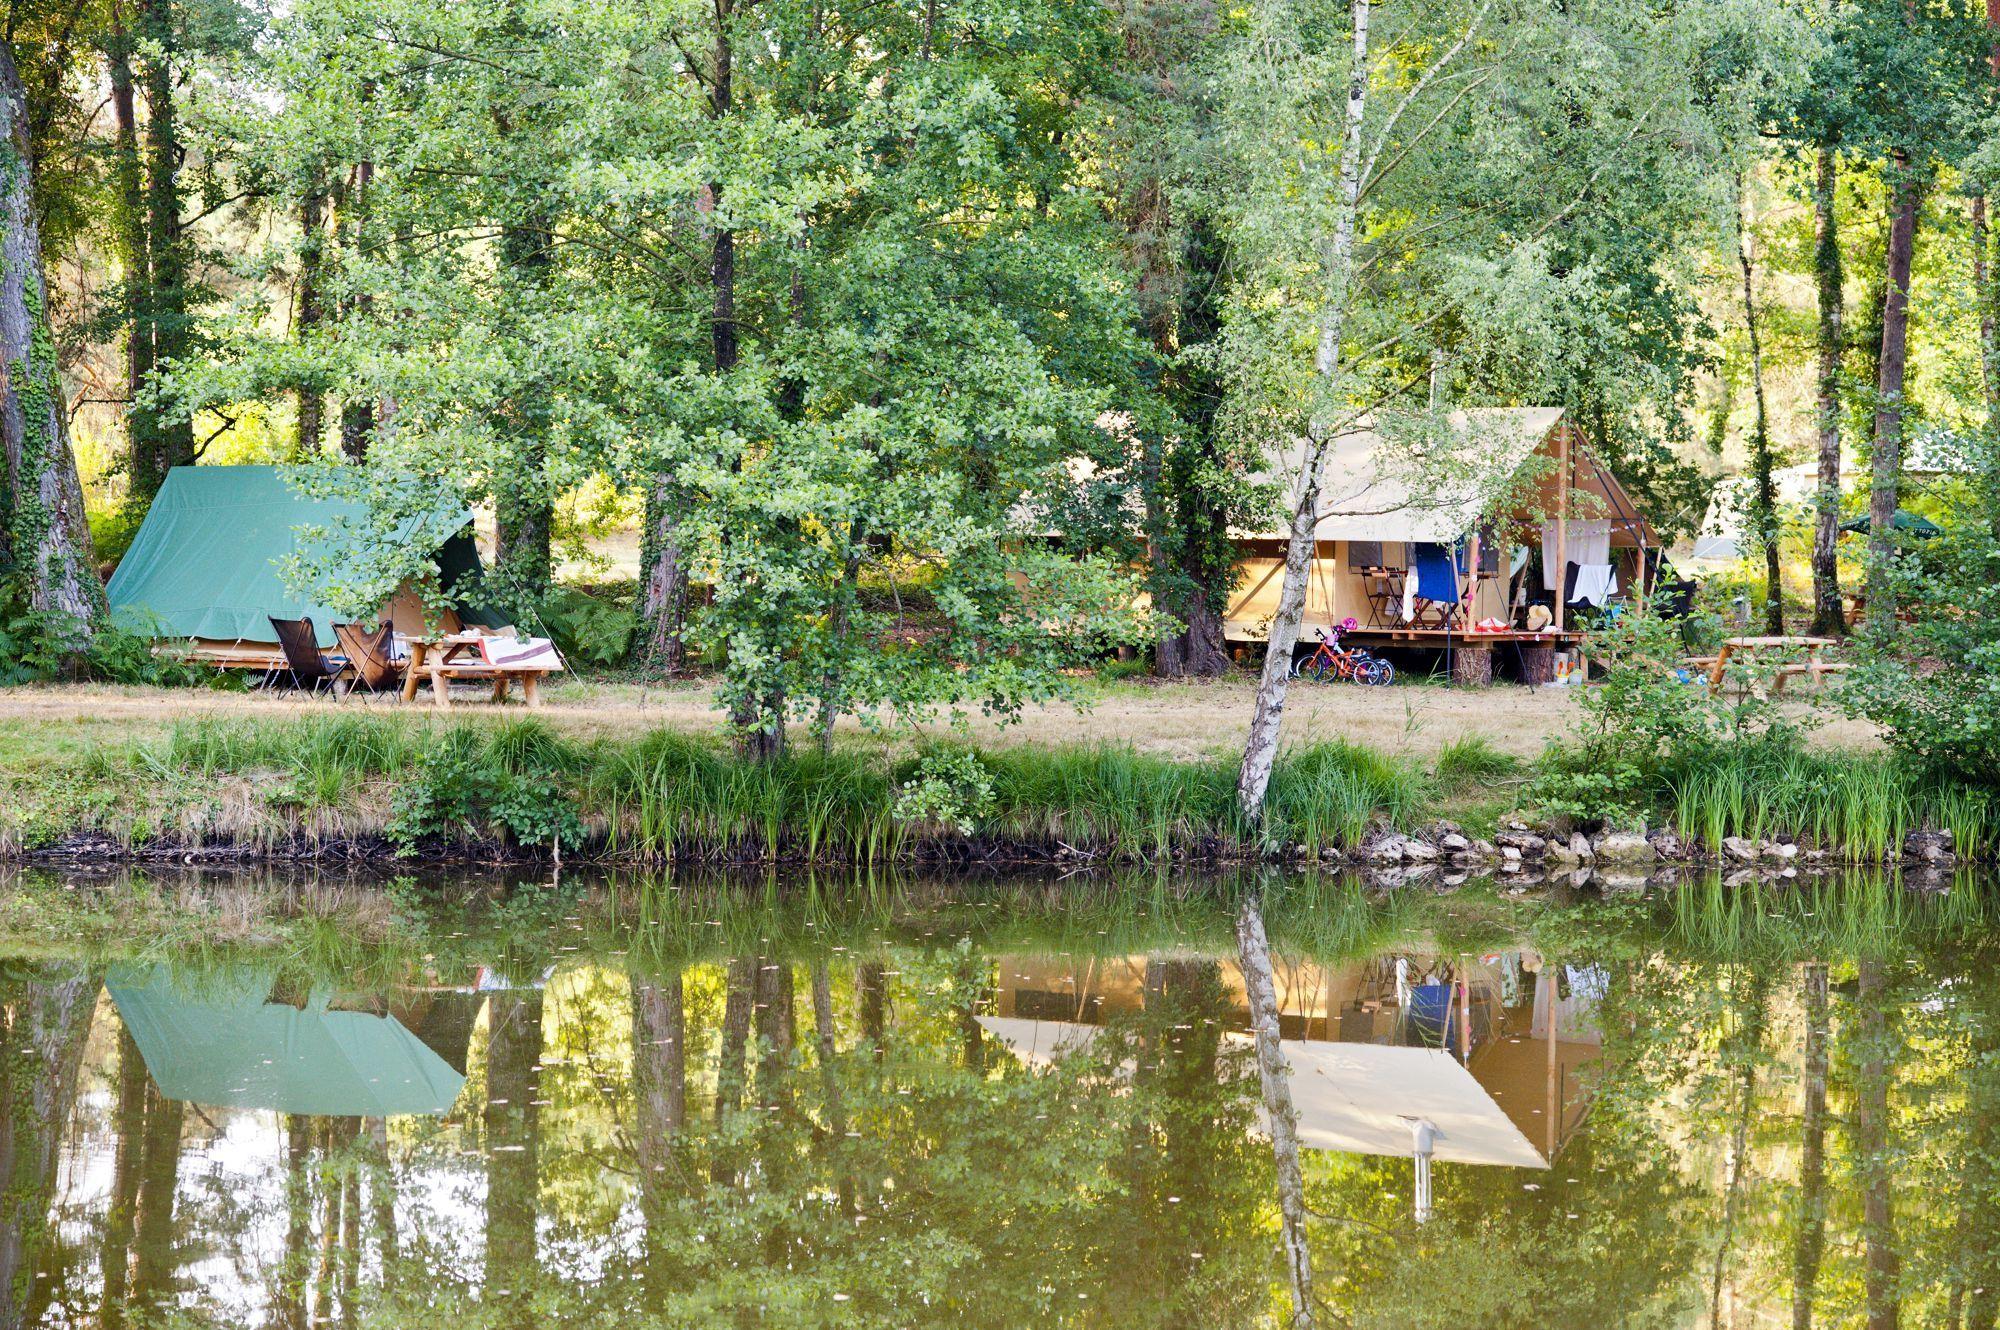 Huttopia Riverside Camping